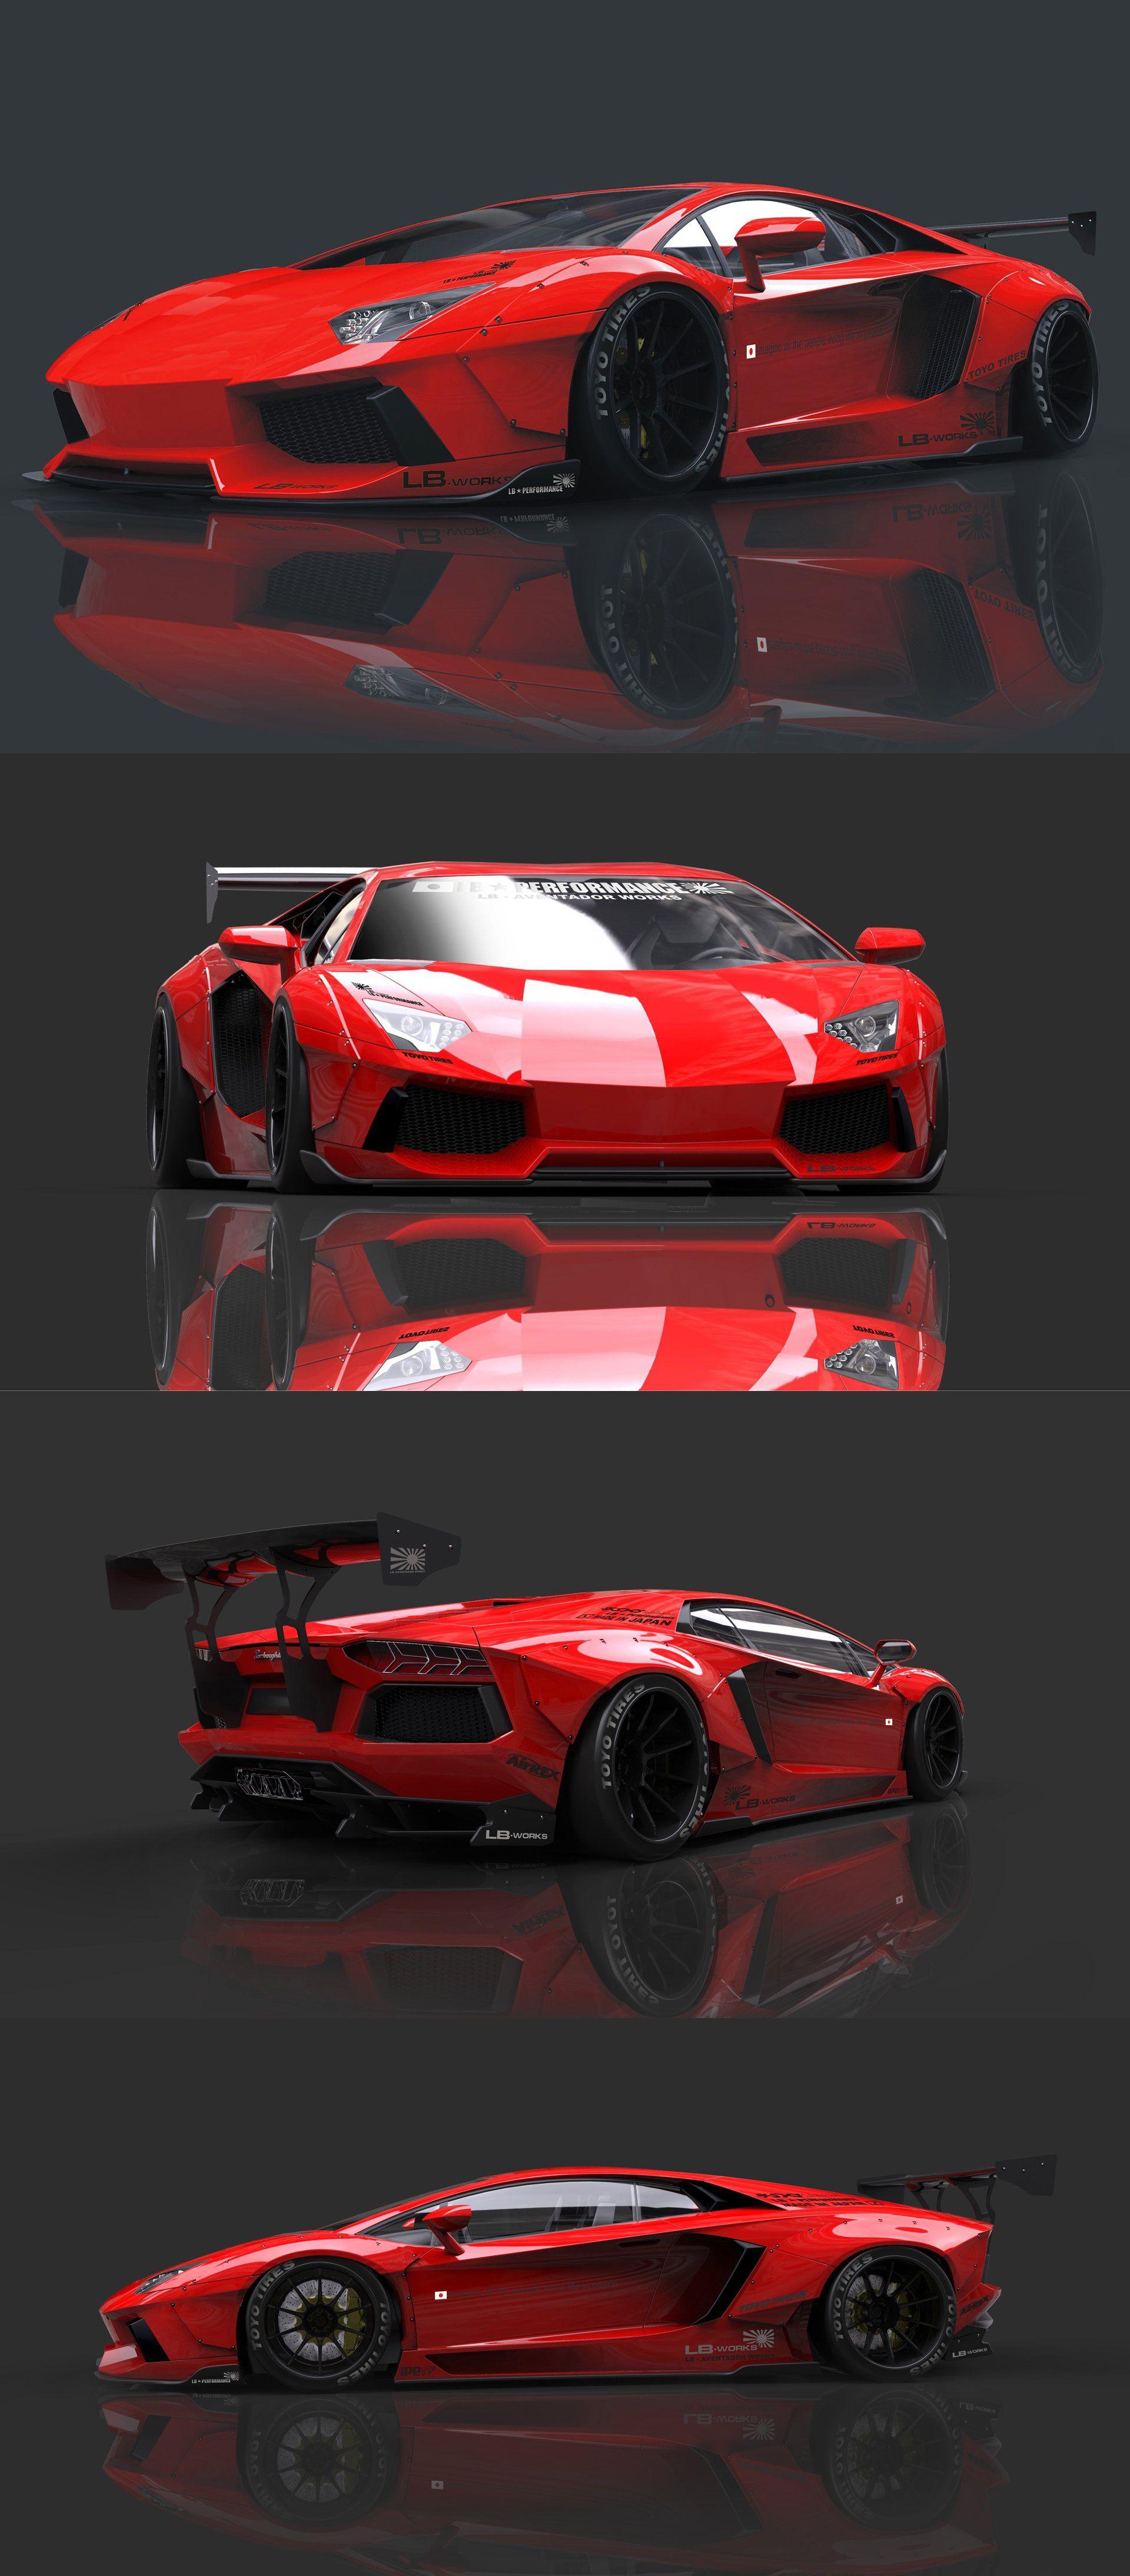 97ffb27ebe7da1e36d527c2fa3b18dd5 Astounding Lamborghini Countach Built In Basement Cars Trend